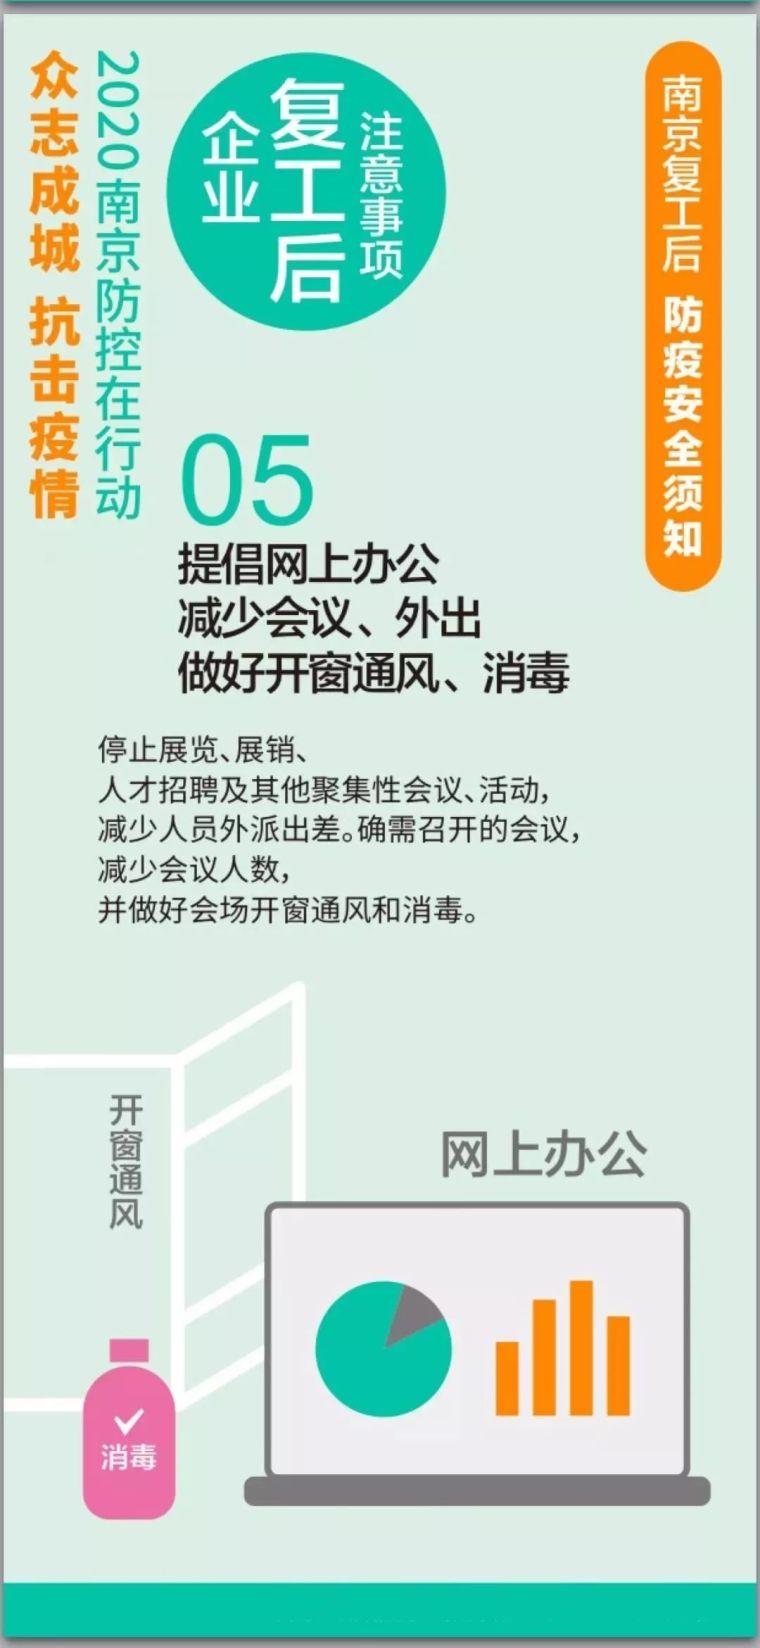 企业复工,防疫安全须知(图解)_11